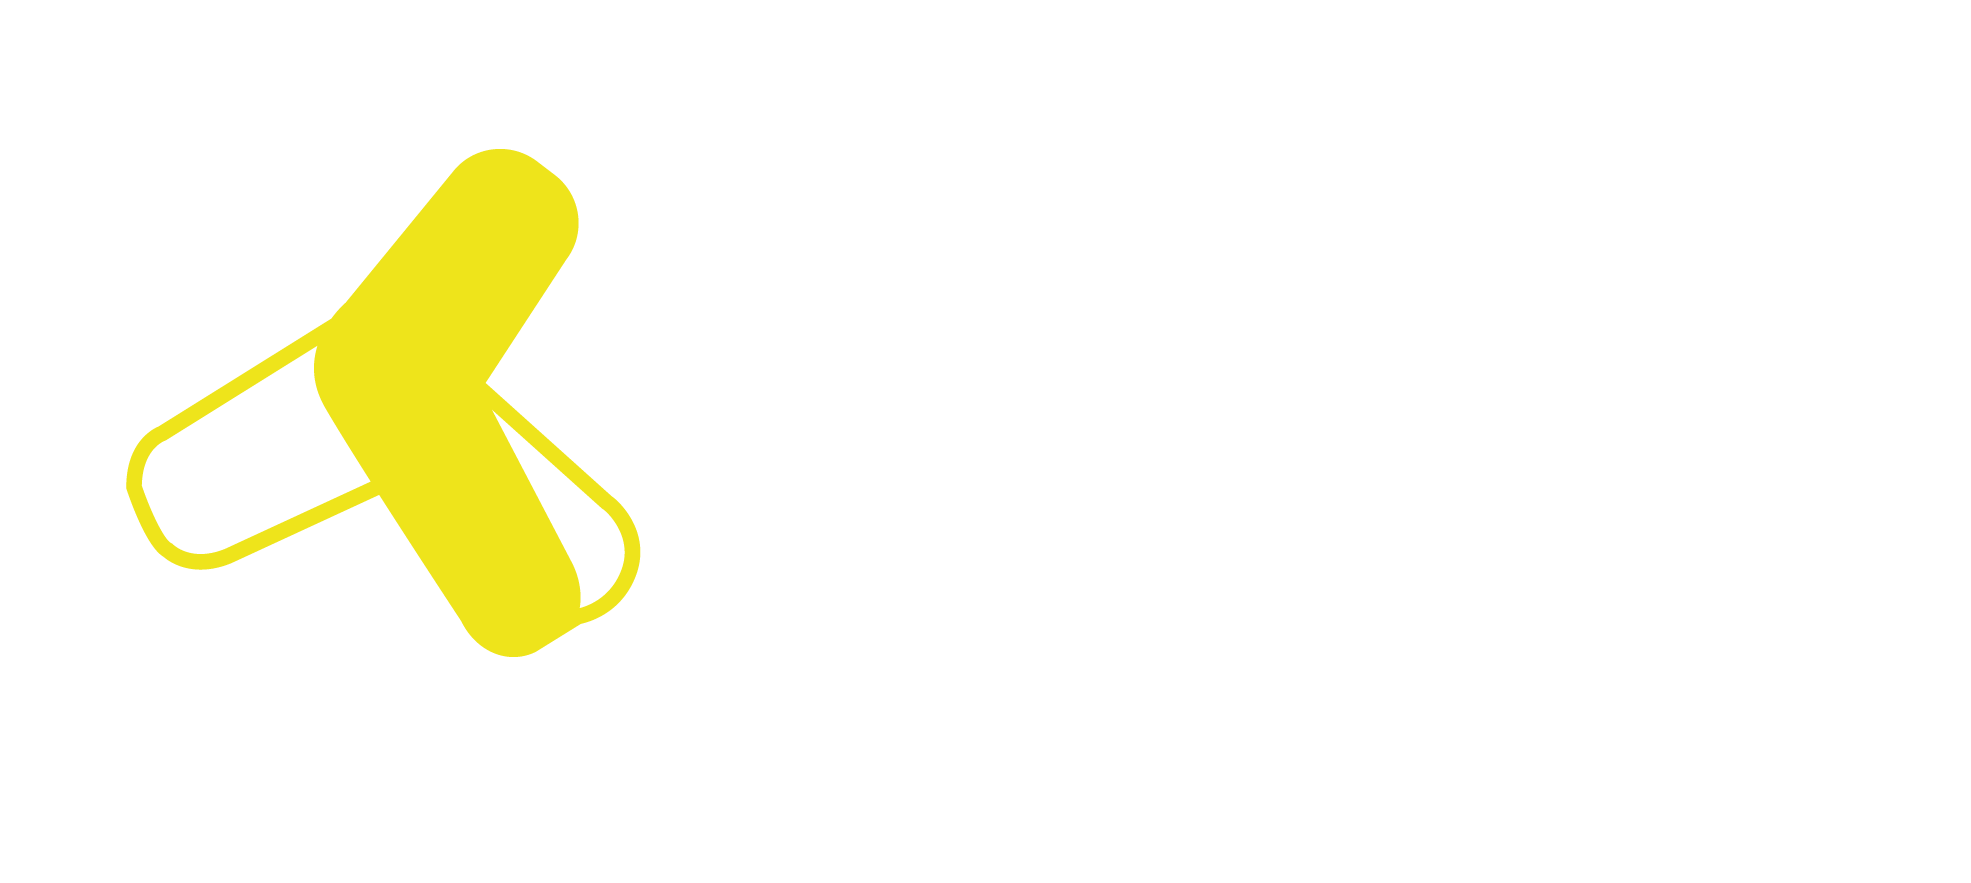 Parque Científico Murcia